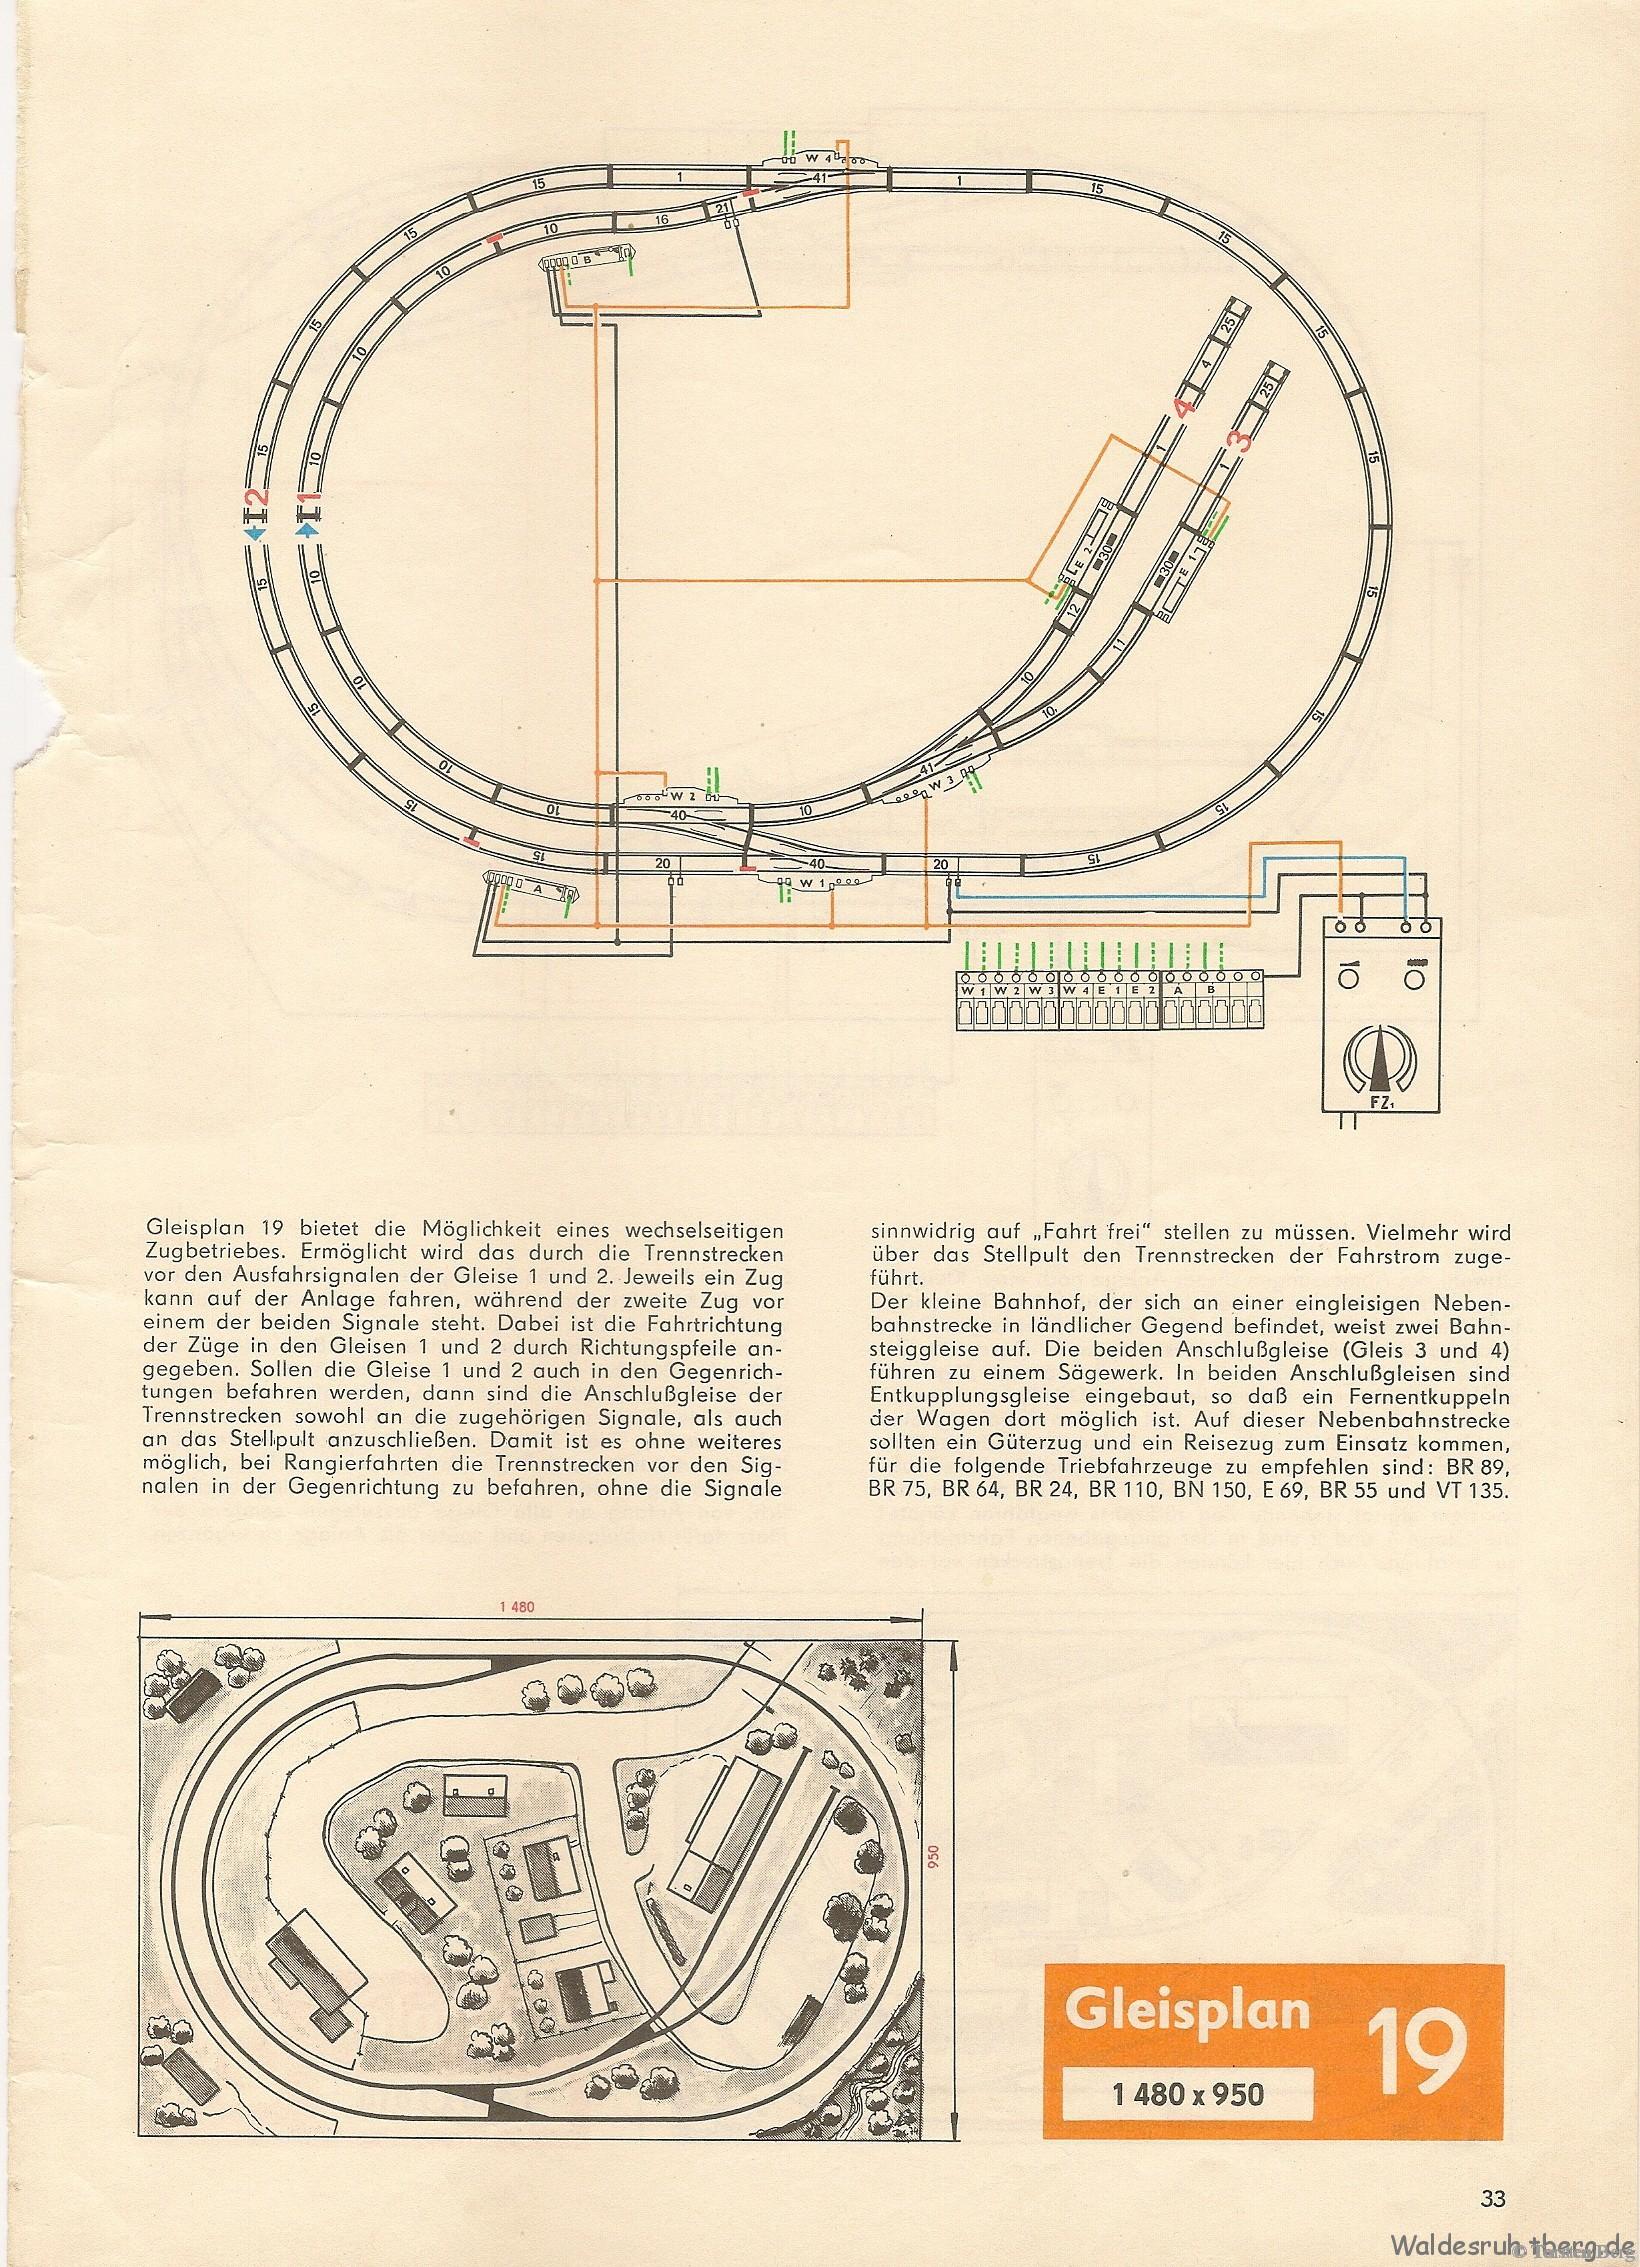 34 VEB PIKO Standardgleis-Gleisplan 19